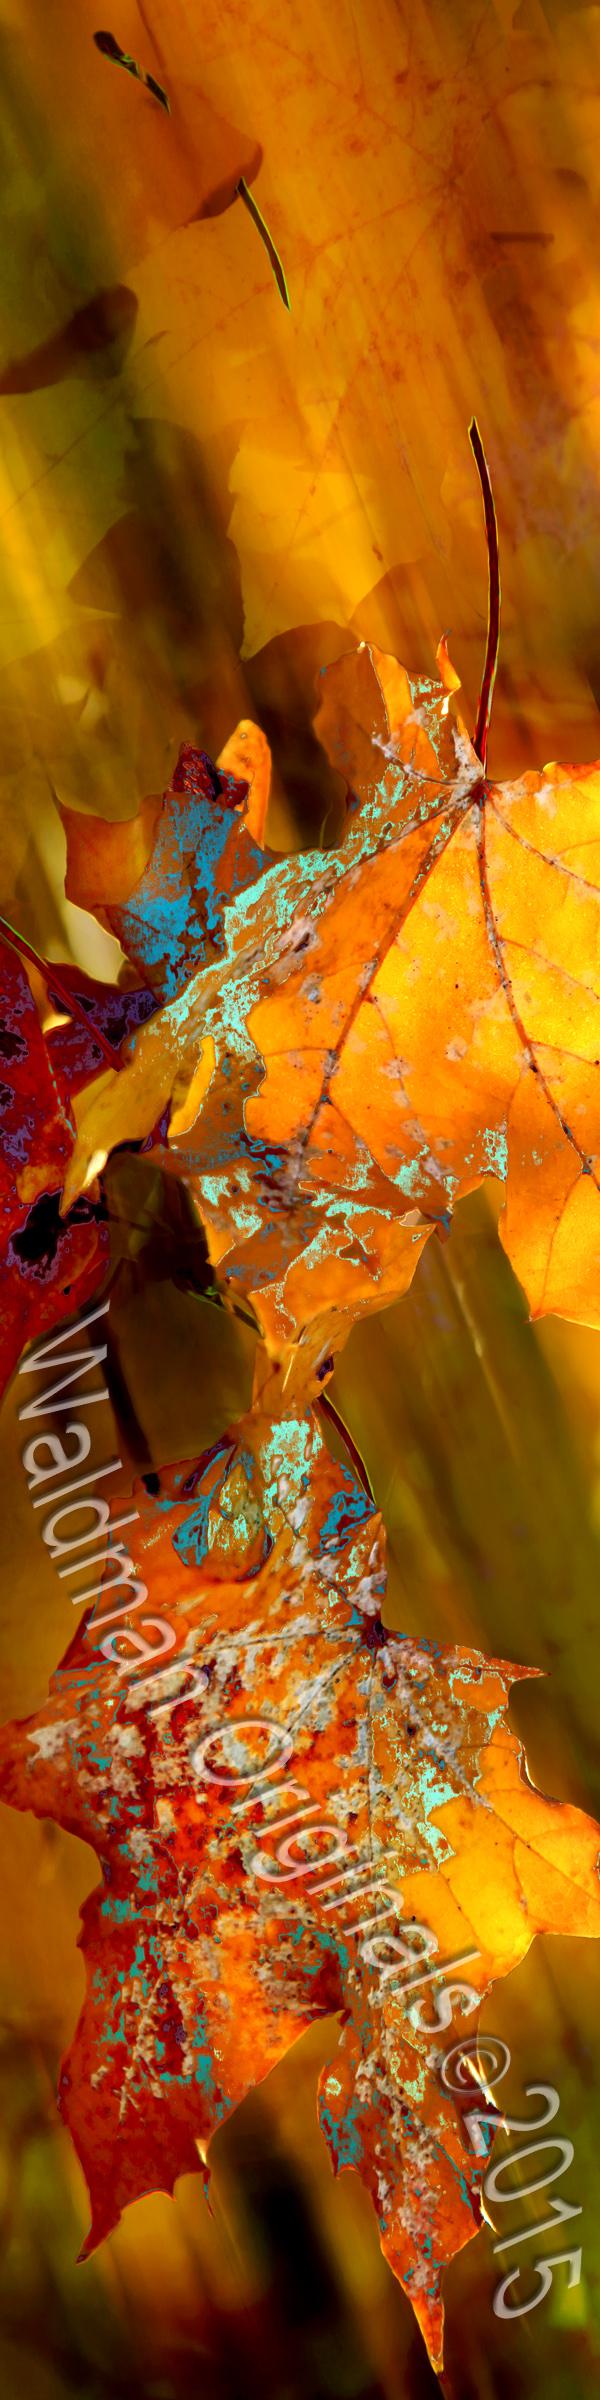 Leaf Wisps